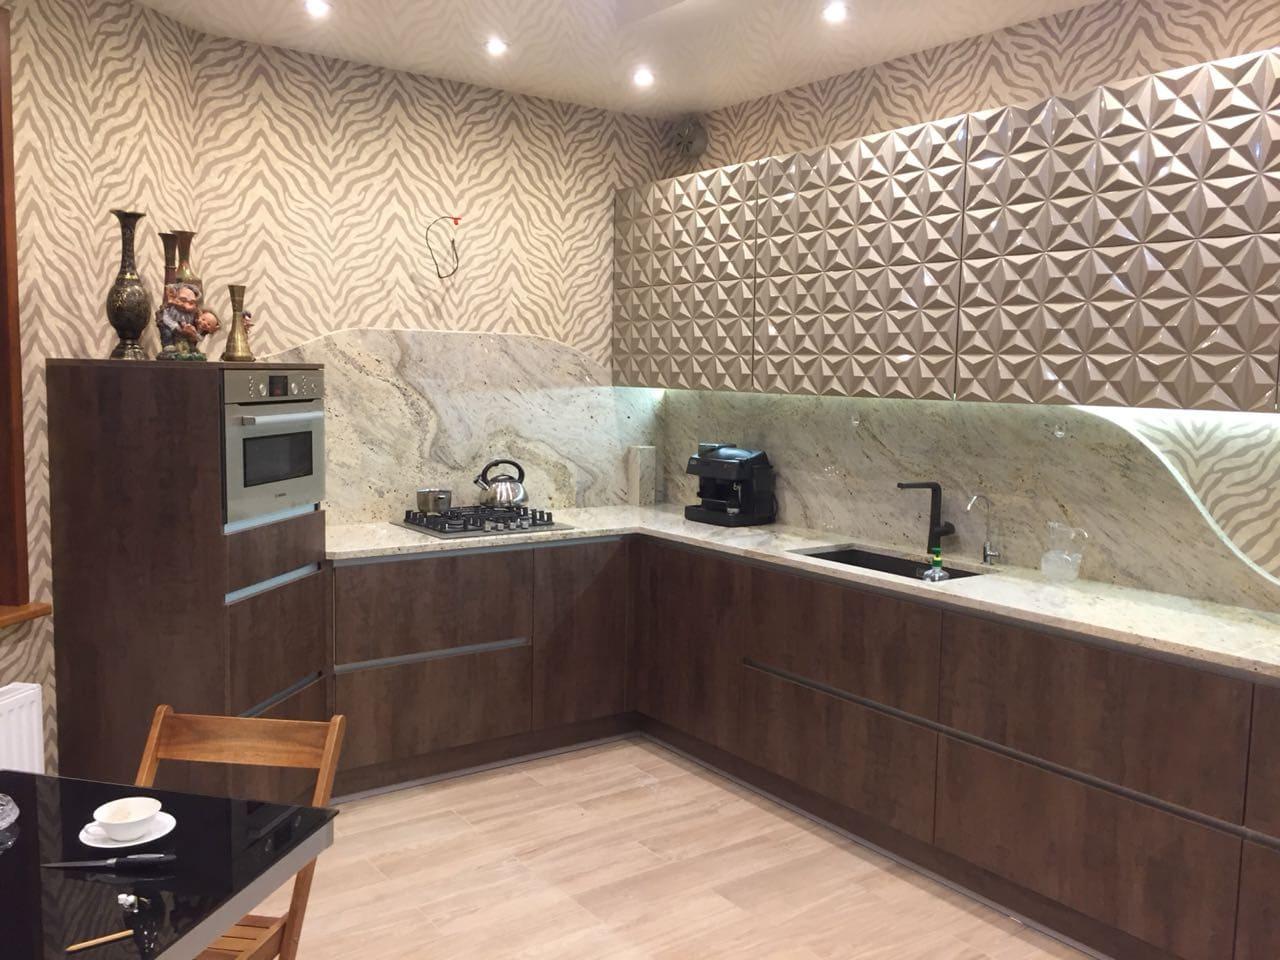 Технологичная и инновационная кухня с  3D фасадами и плитами Alvic!